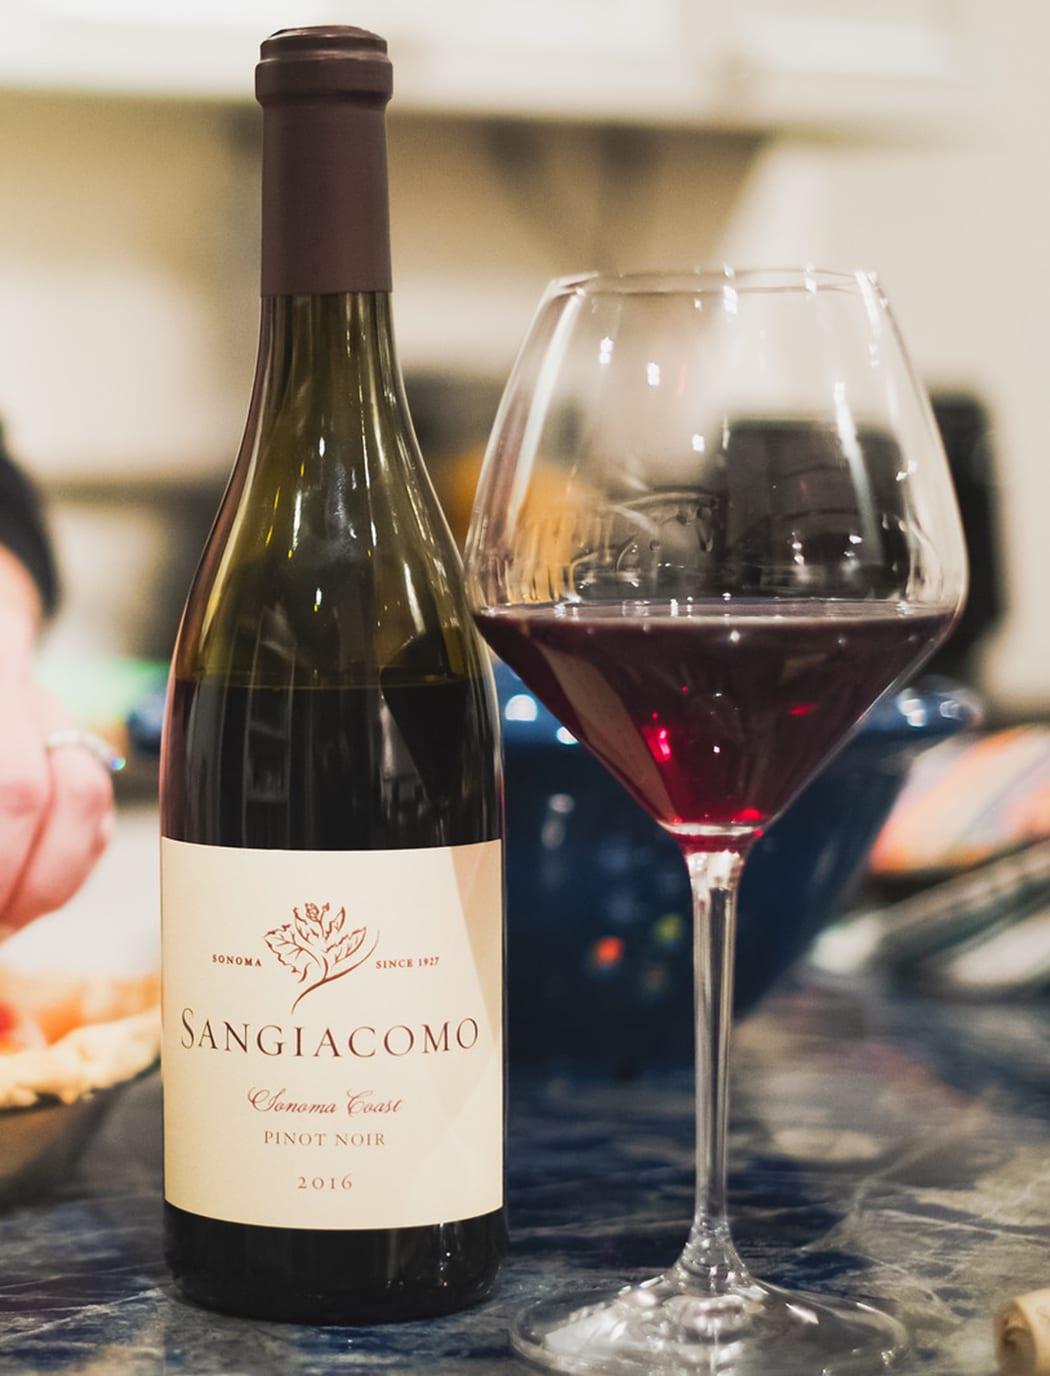 Sangiacomo 2016 Sonoma Coast Pinot Noir. sangiacomowines.com, $60